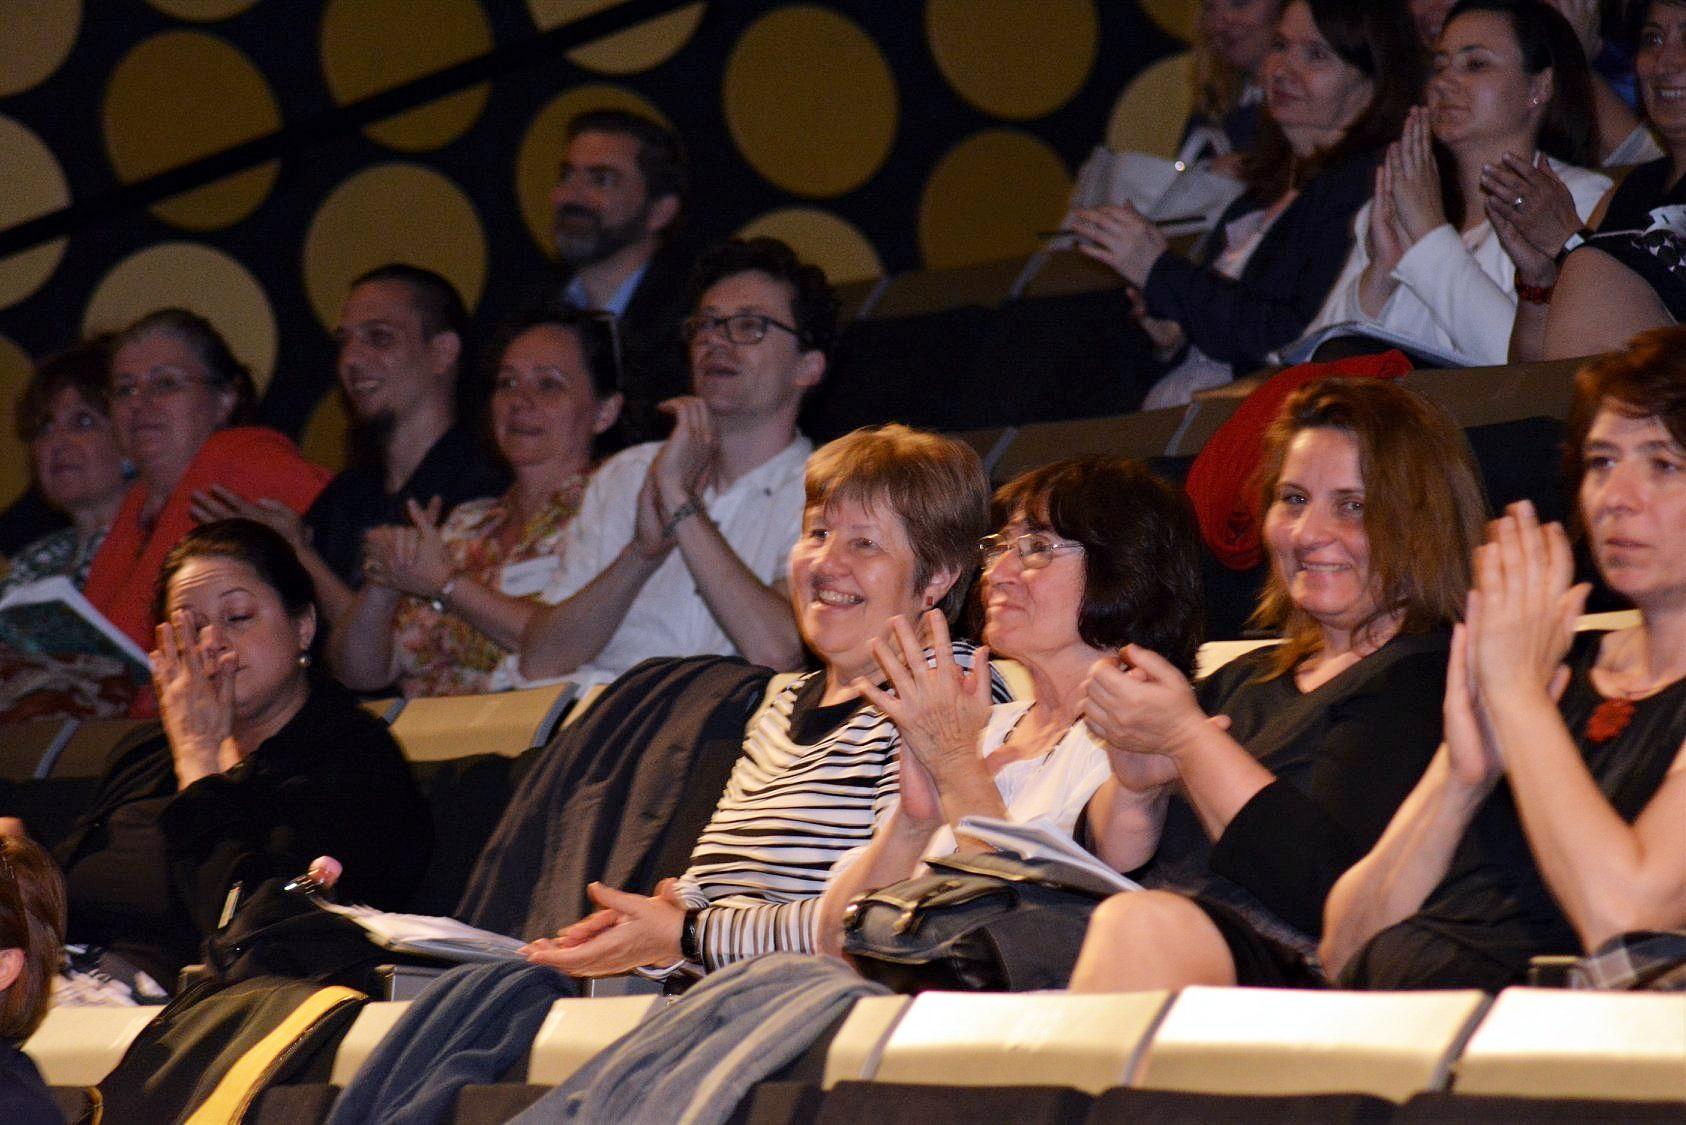 Megtartó kultúra – Élénk érdeklődés a Művelődési Intézet kulturális gazdaságfejlesztő konferenciája iránt